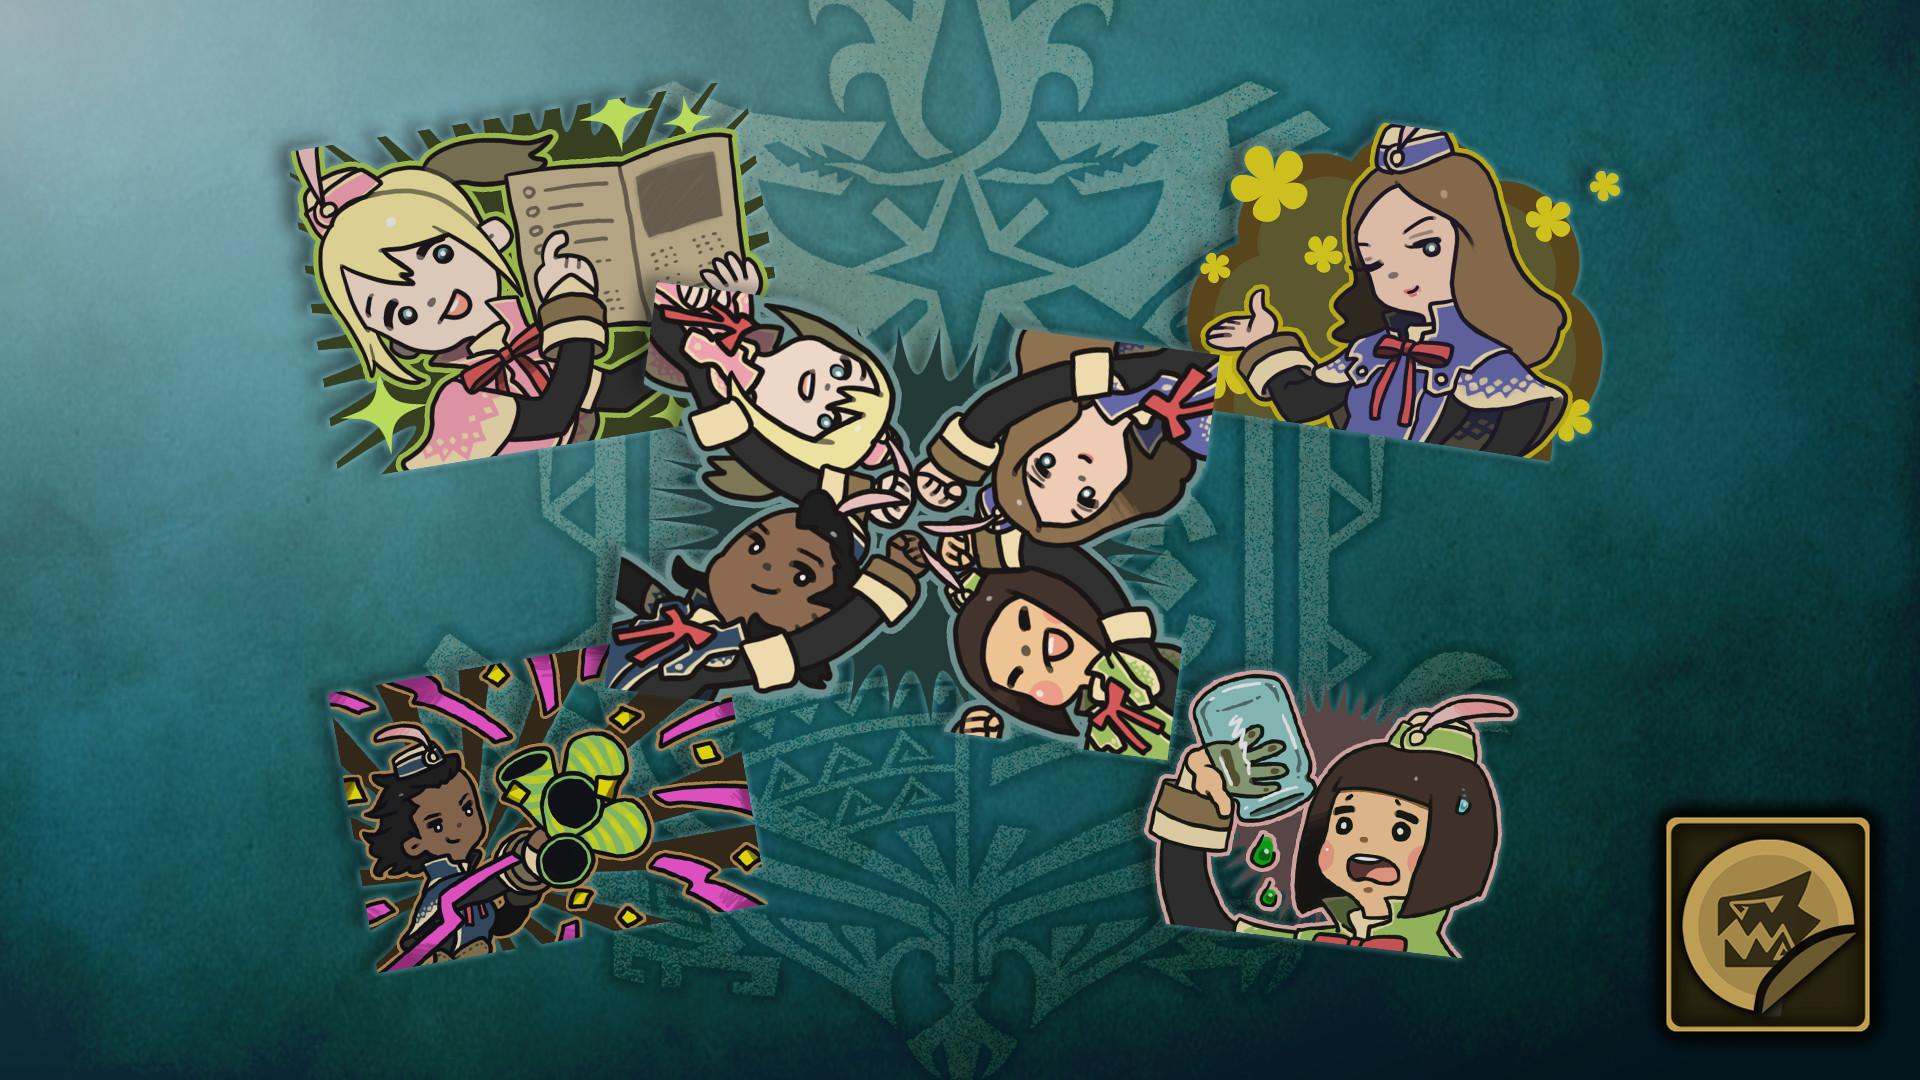 KHAiHOM.com - Monster Hunter: World - Sticker Set: Celestial Pursuit Girls